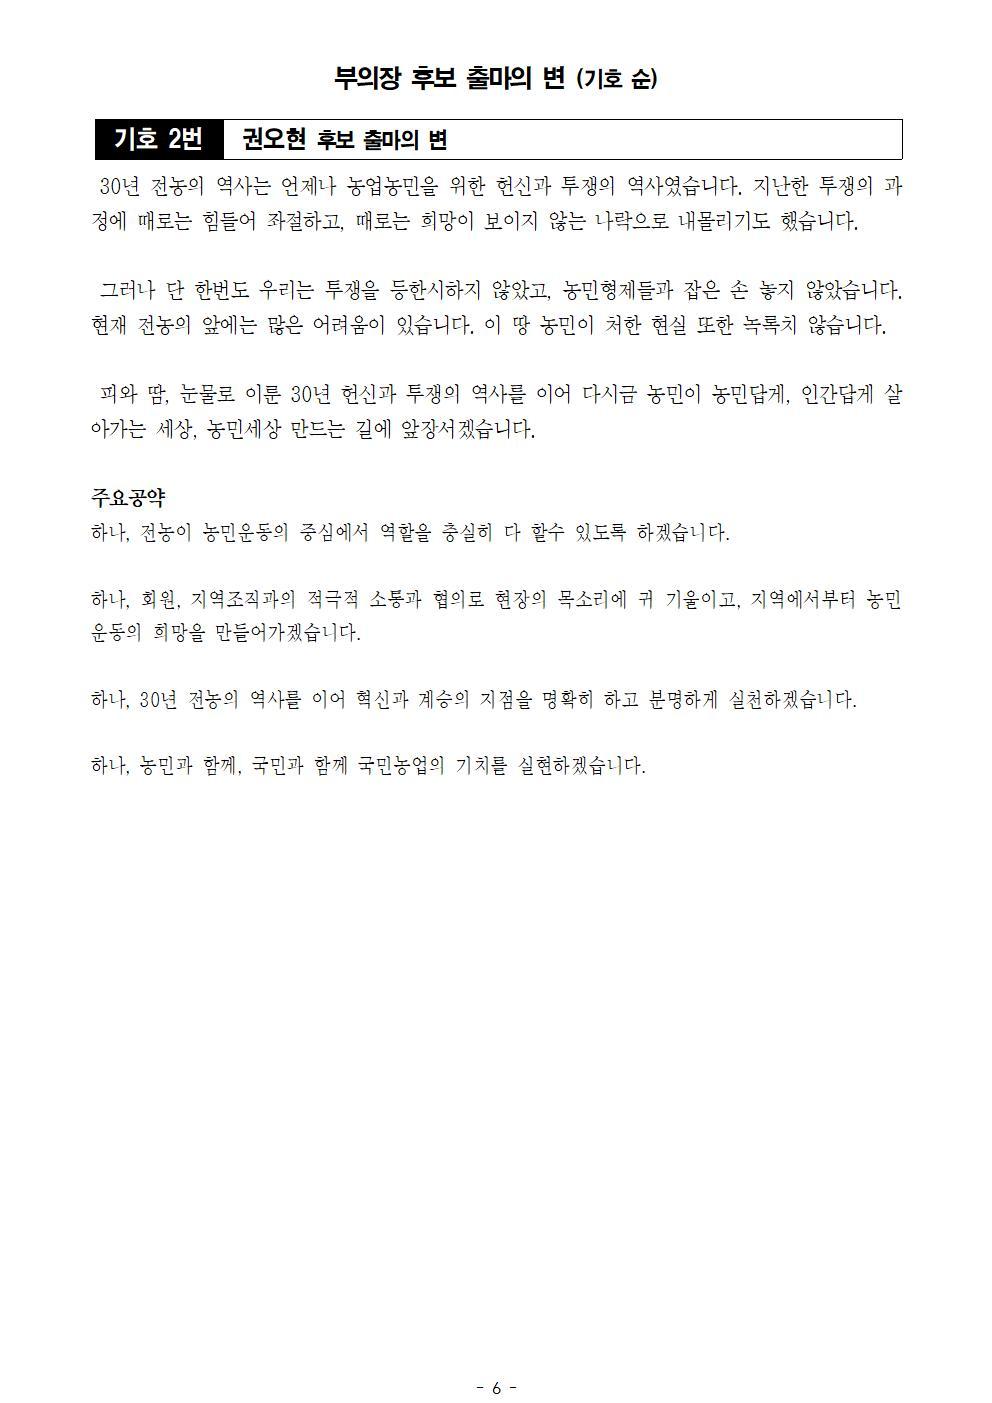 200203_18기_임원선거_선거공보006.jpg